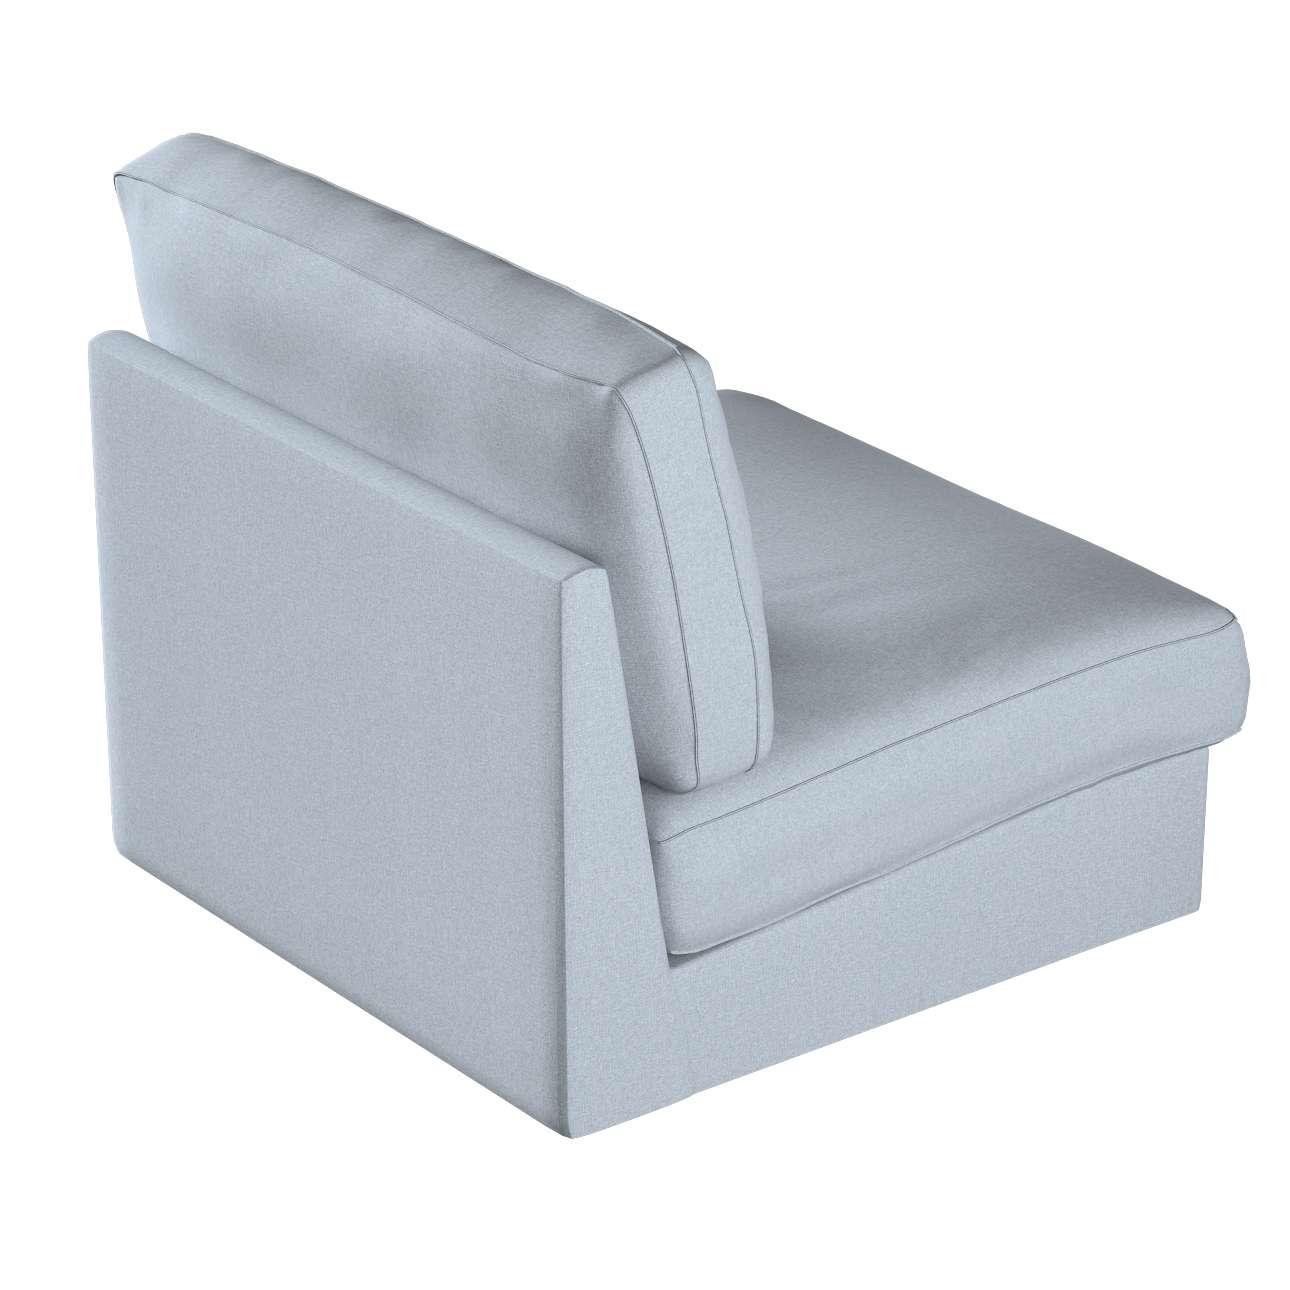 Kivik päällinen nojatuoli mallistosta Amsterdam, Kangas: 704-46